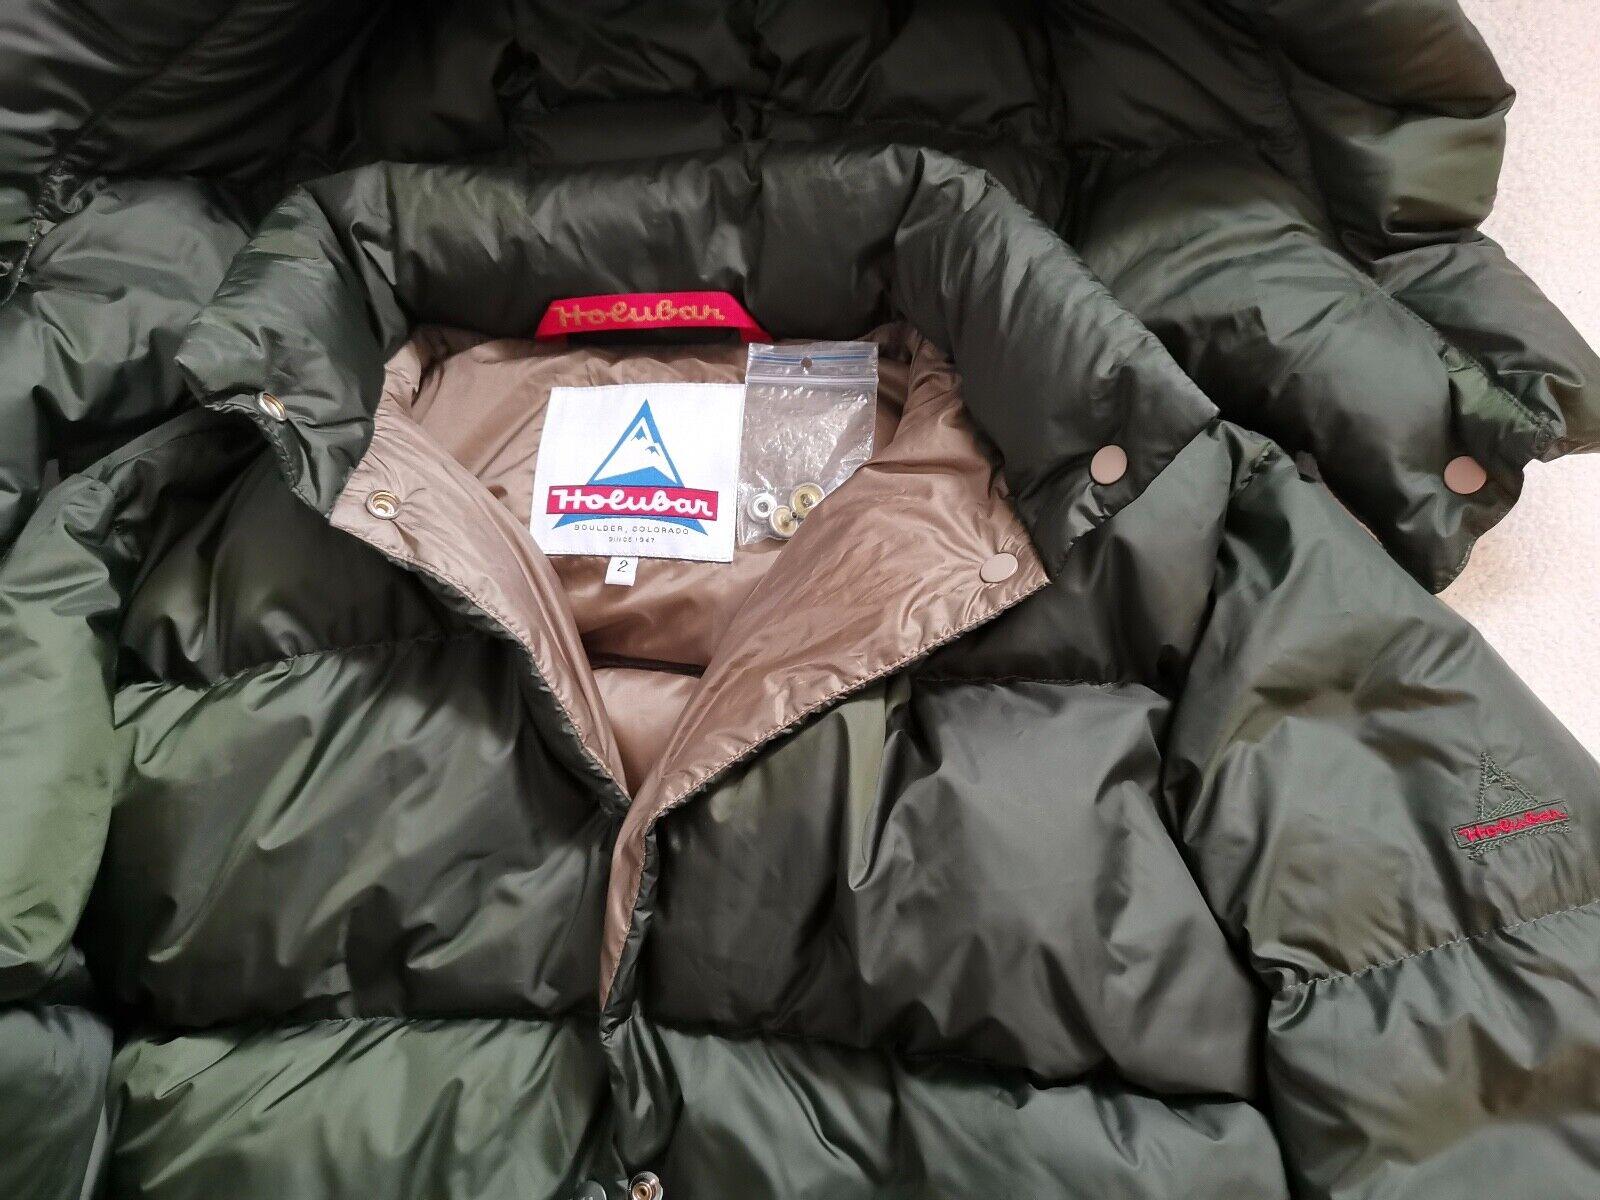 HOLUBAR - Women's Mustang Jacket Long, DAUNENMANTEL, GR. S, US 2,  NEU